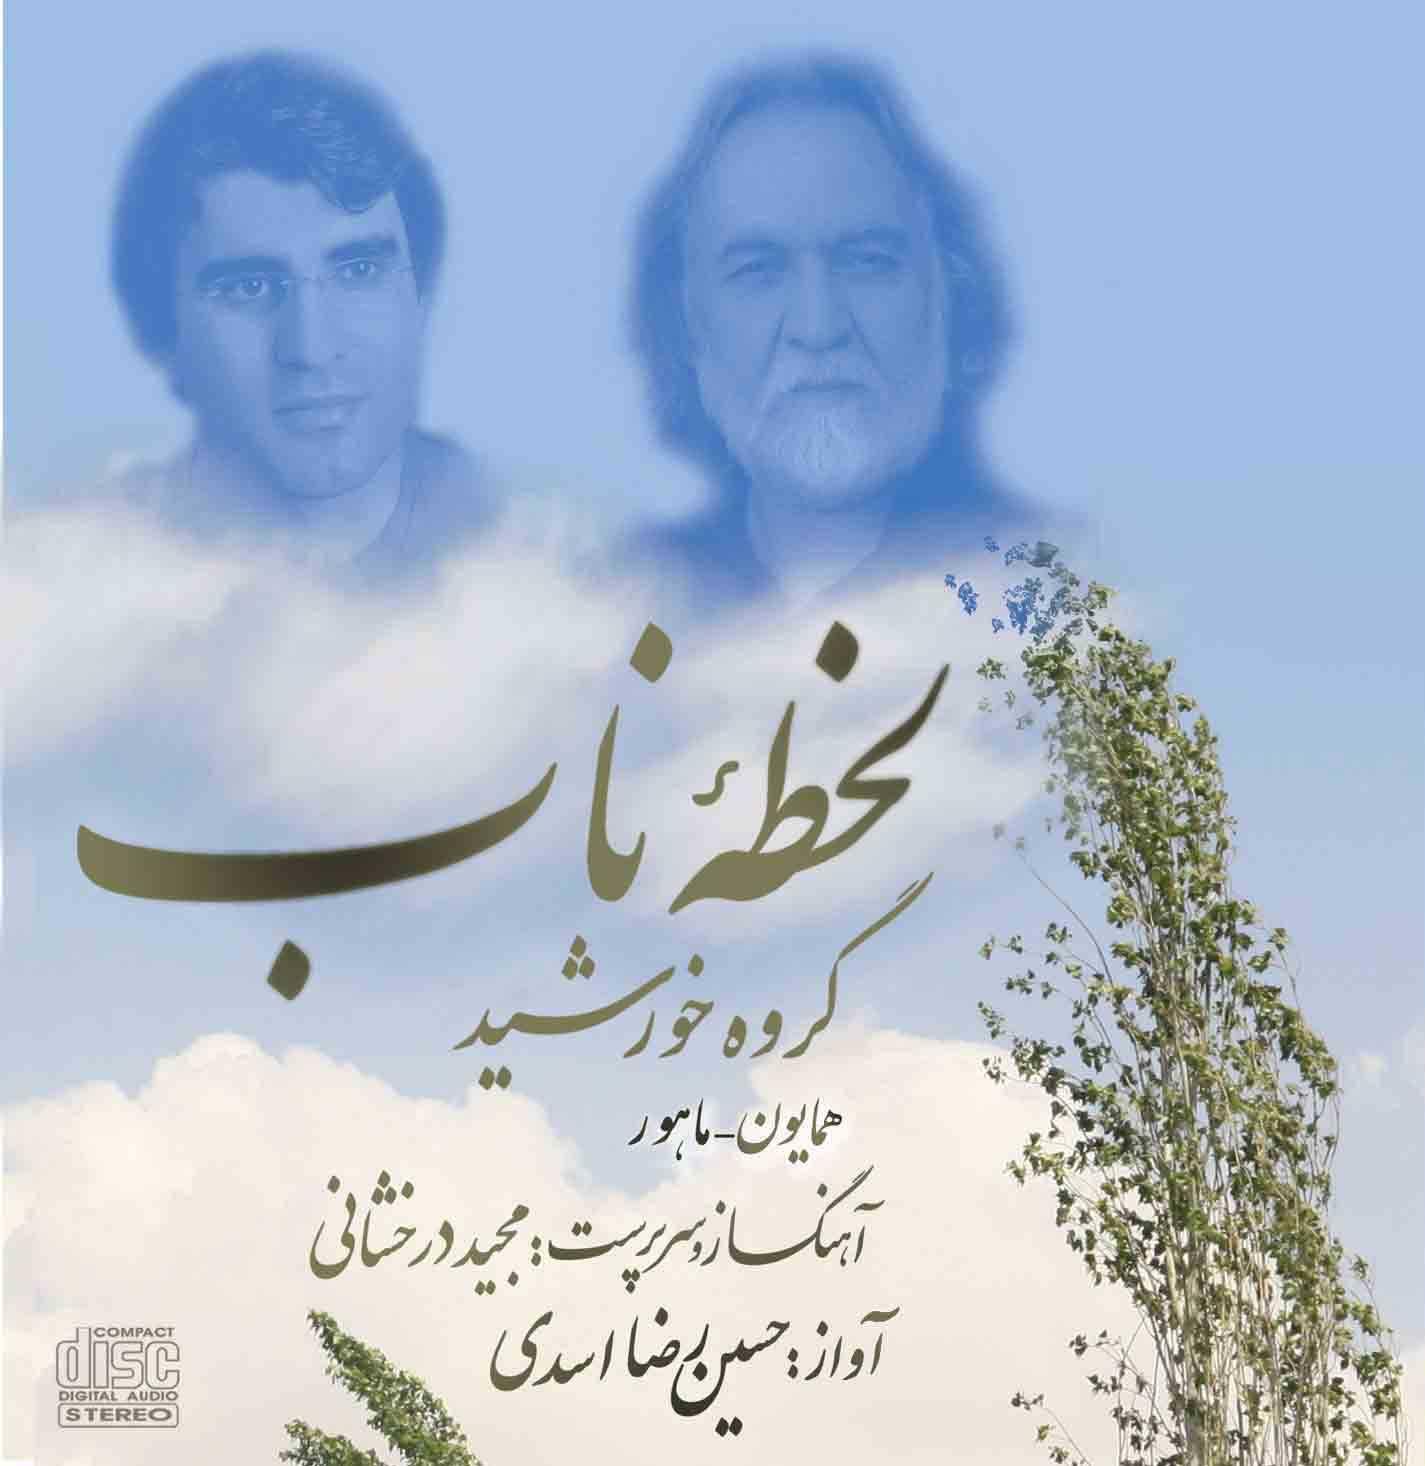 لحظه های ناب ، حسین رضا اسدی دلفان ، لک زبان